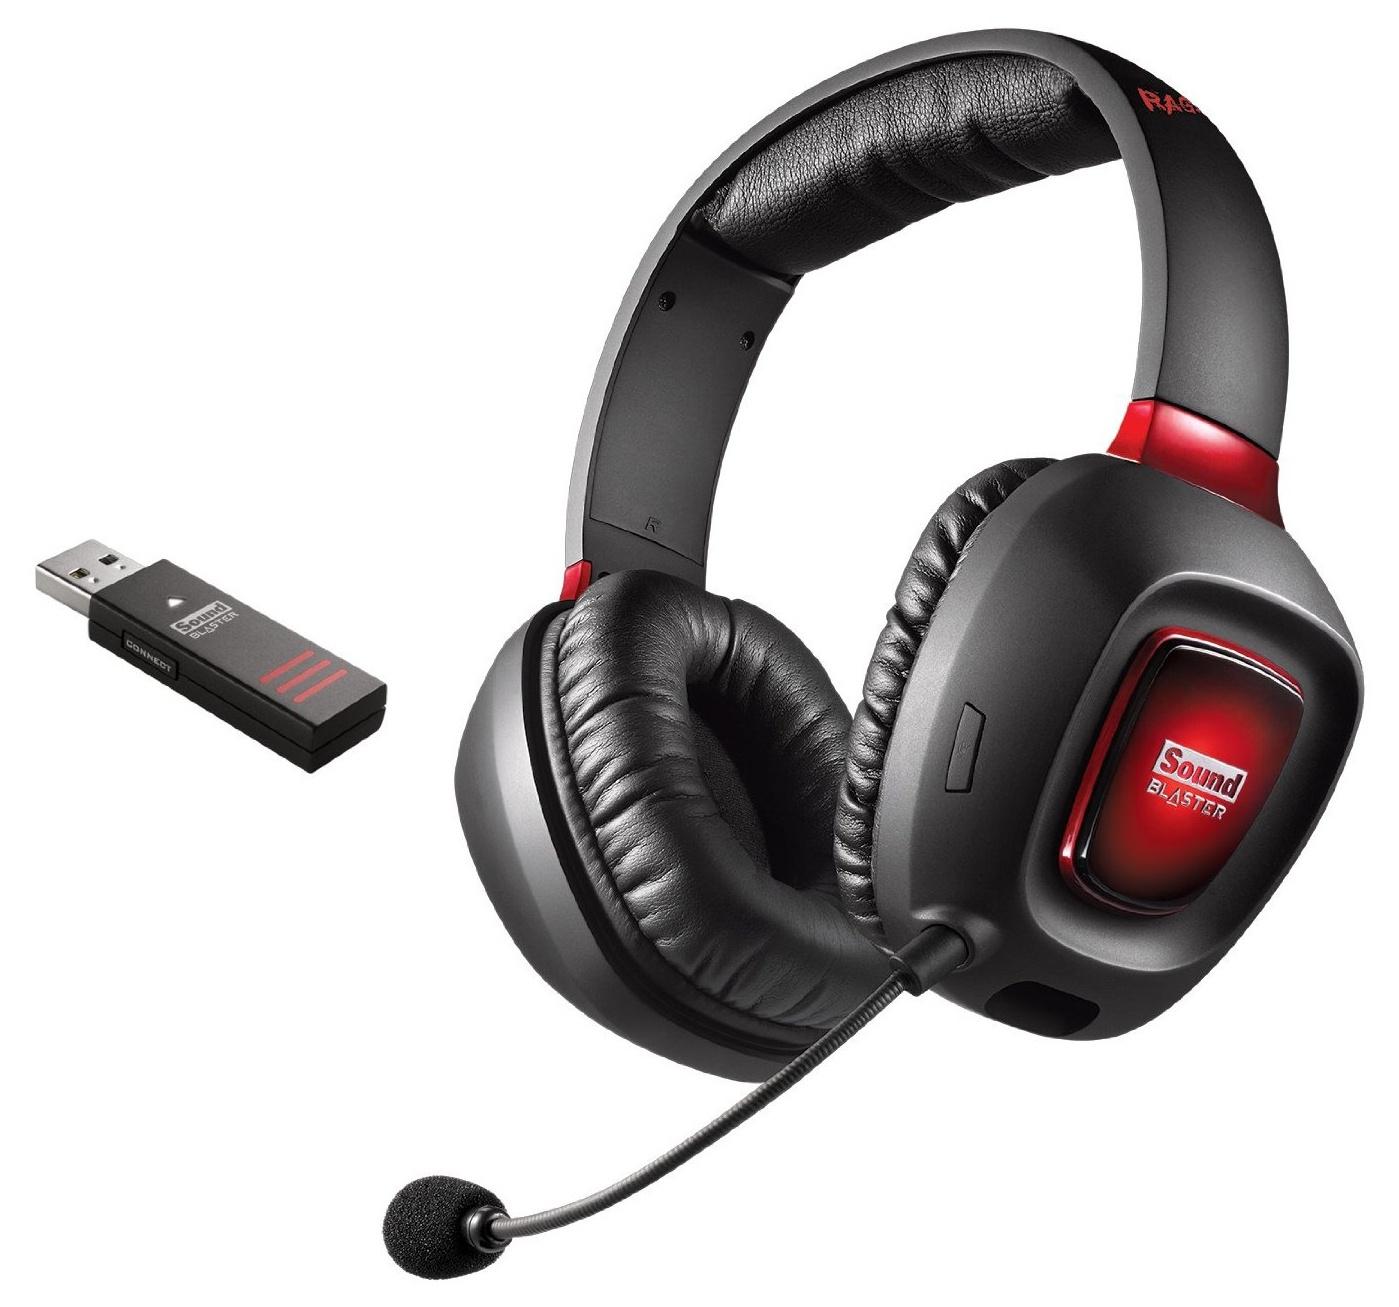 Игровые наушники Creative SOUND BLASTER TACTIC3D RAGE V2.0 Wireless, 70GH022000003, черный, красный наушники беспроводные creative sound blaster jam black